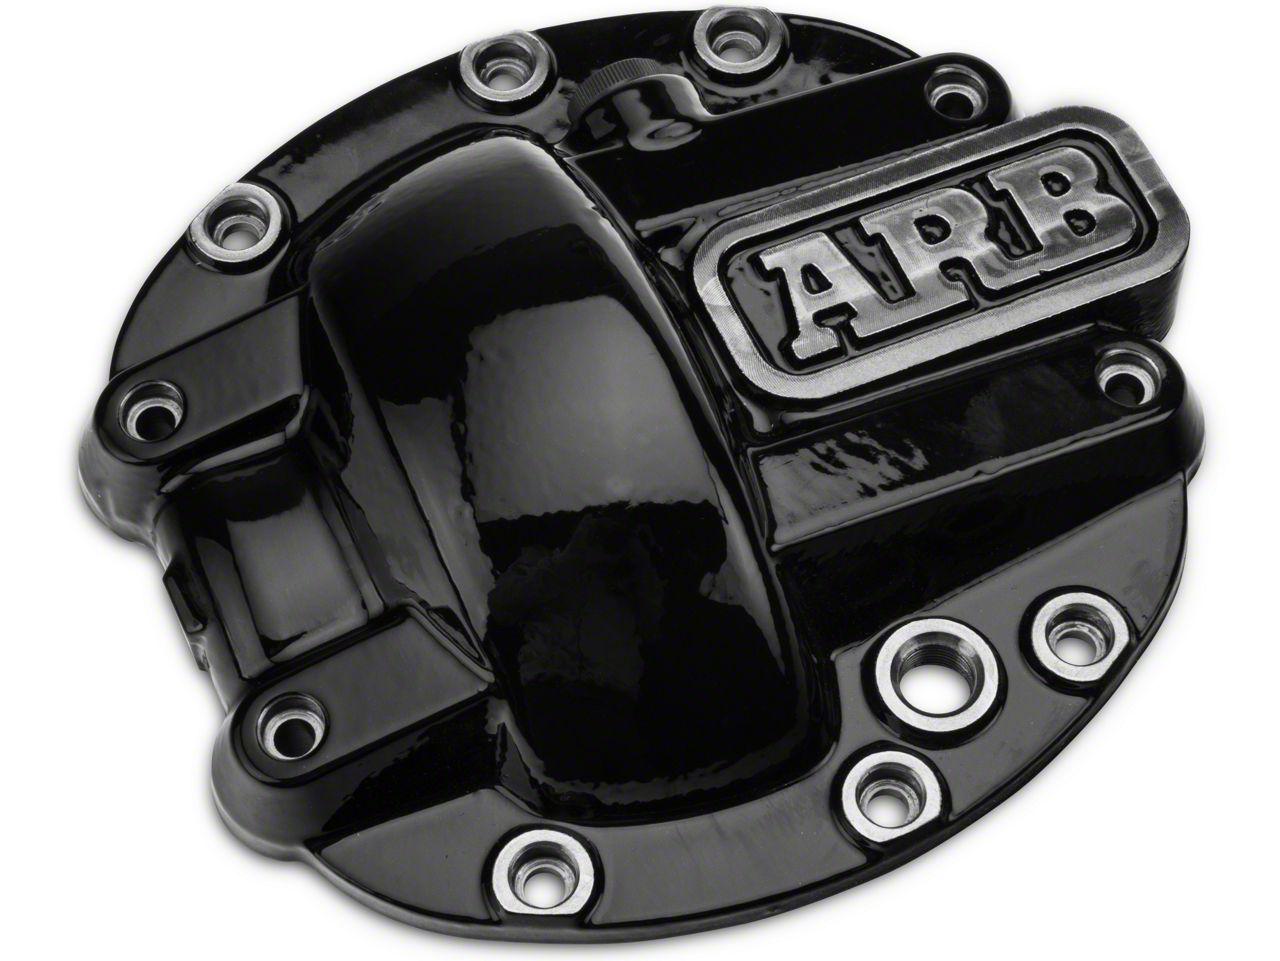 ARB Dana 30 Differential Cover - Black (87-18 Jeep Wrangler YJ, TJ & JK)